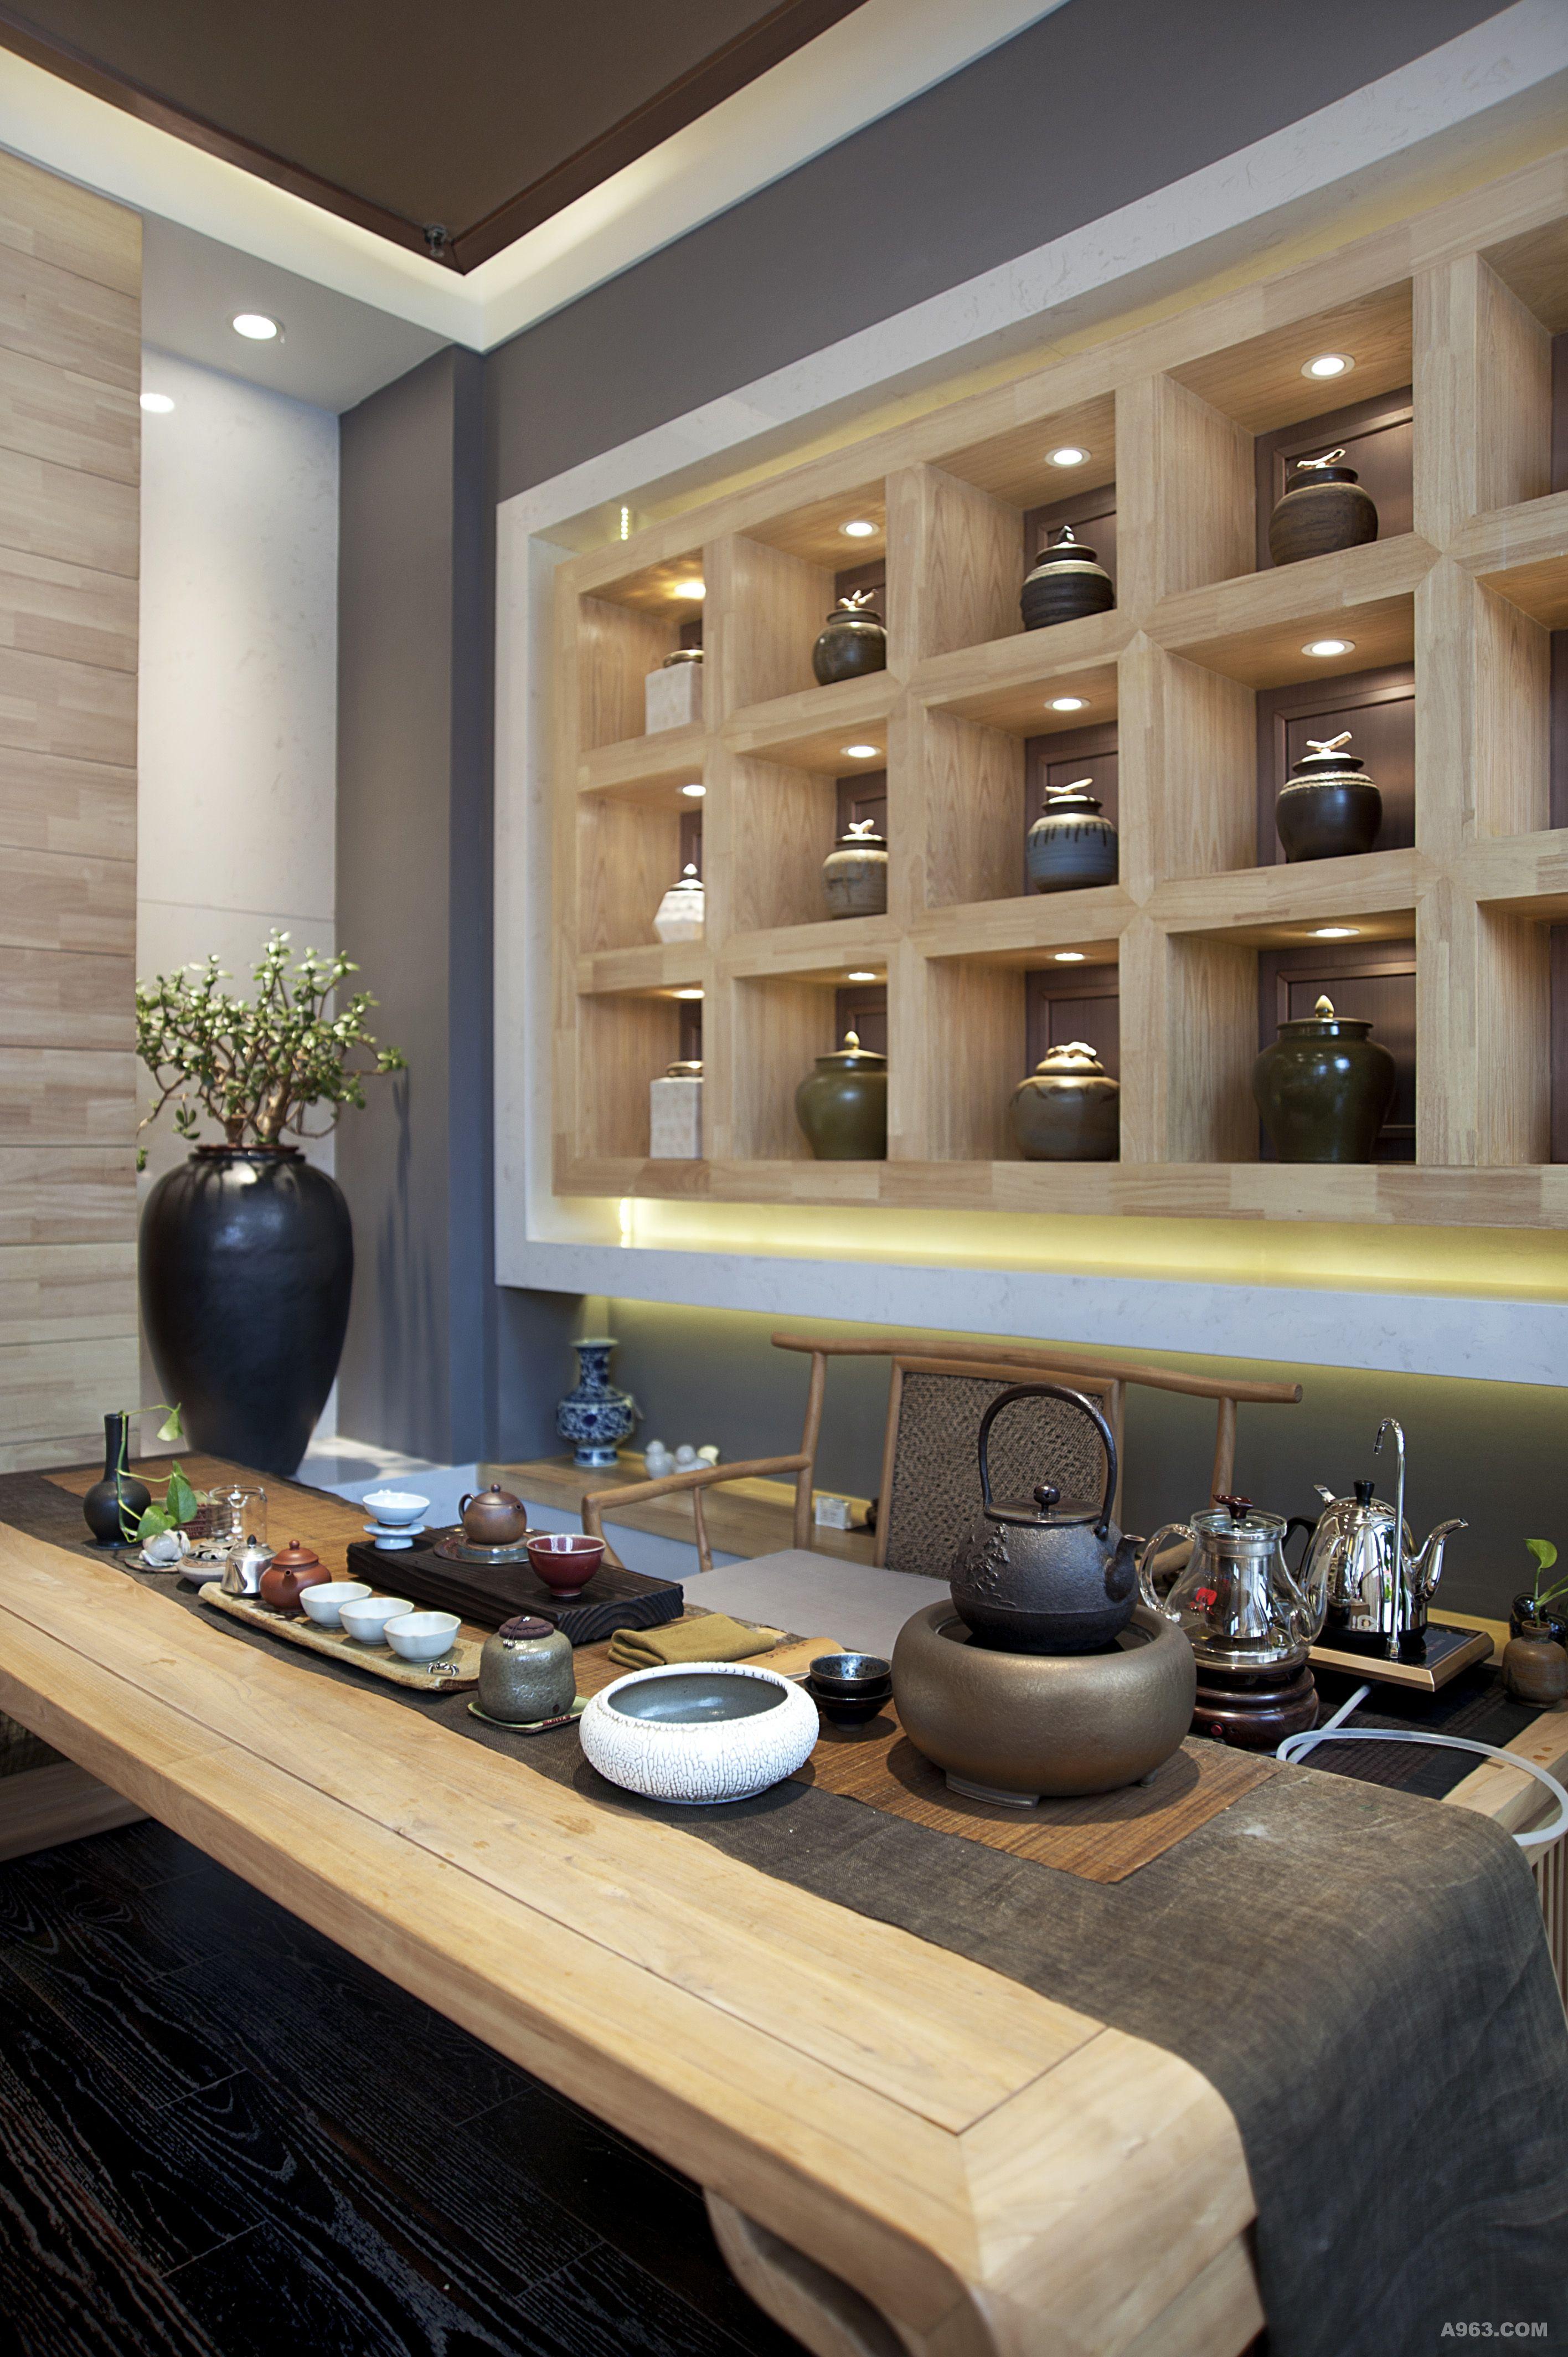 瑞草茶舍 - 商业空间 - 第5页 - 王卫东设计作品案例